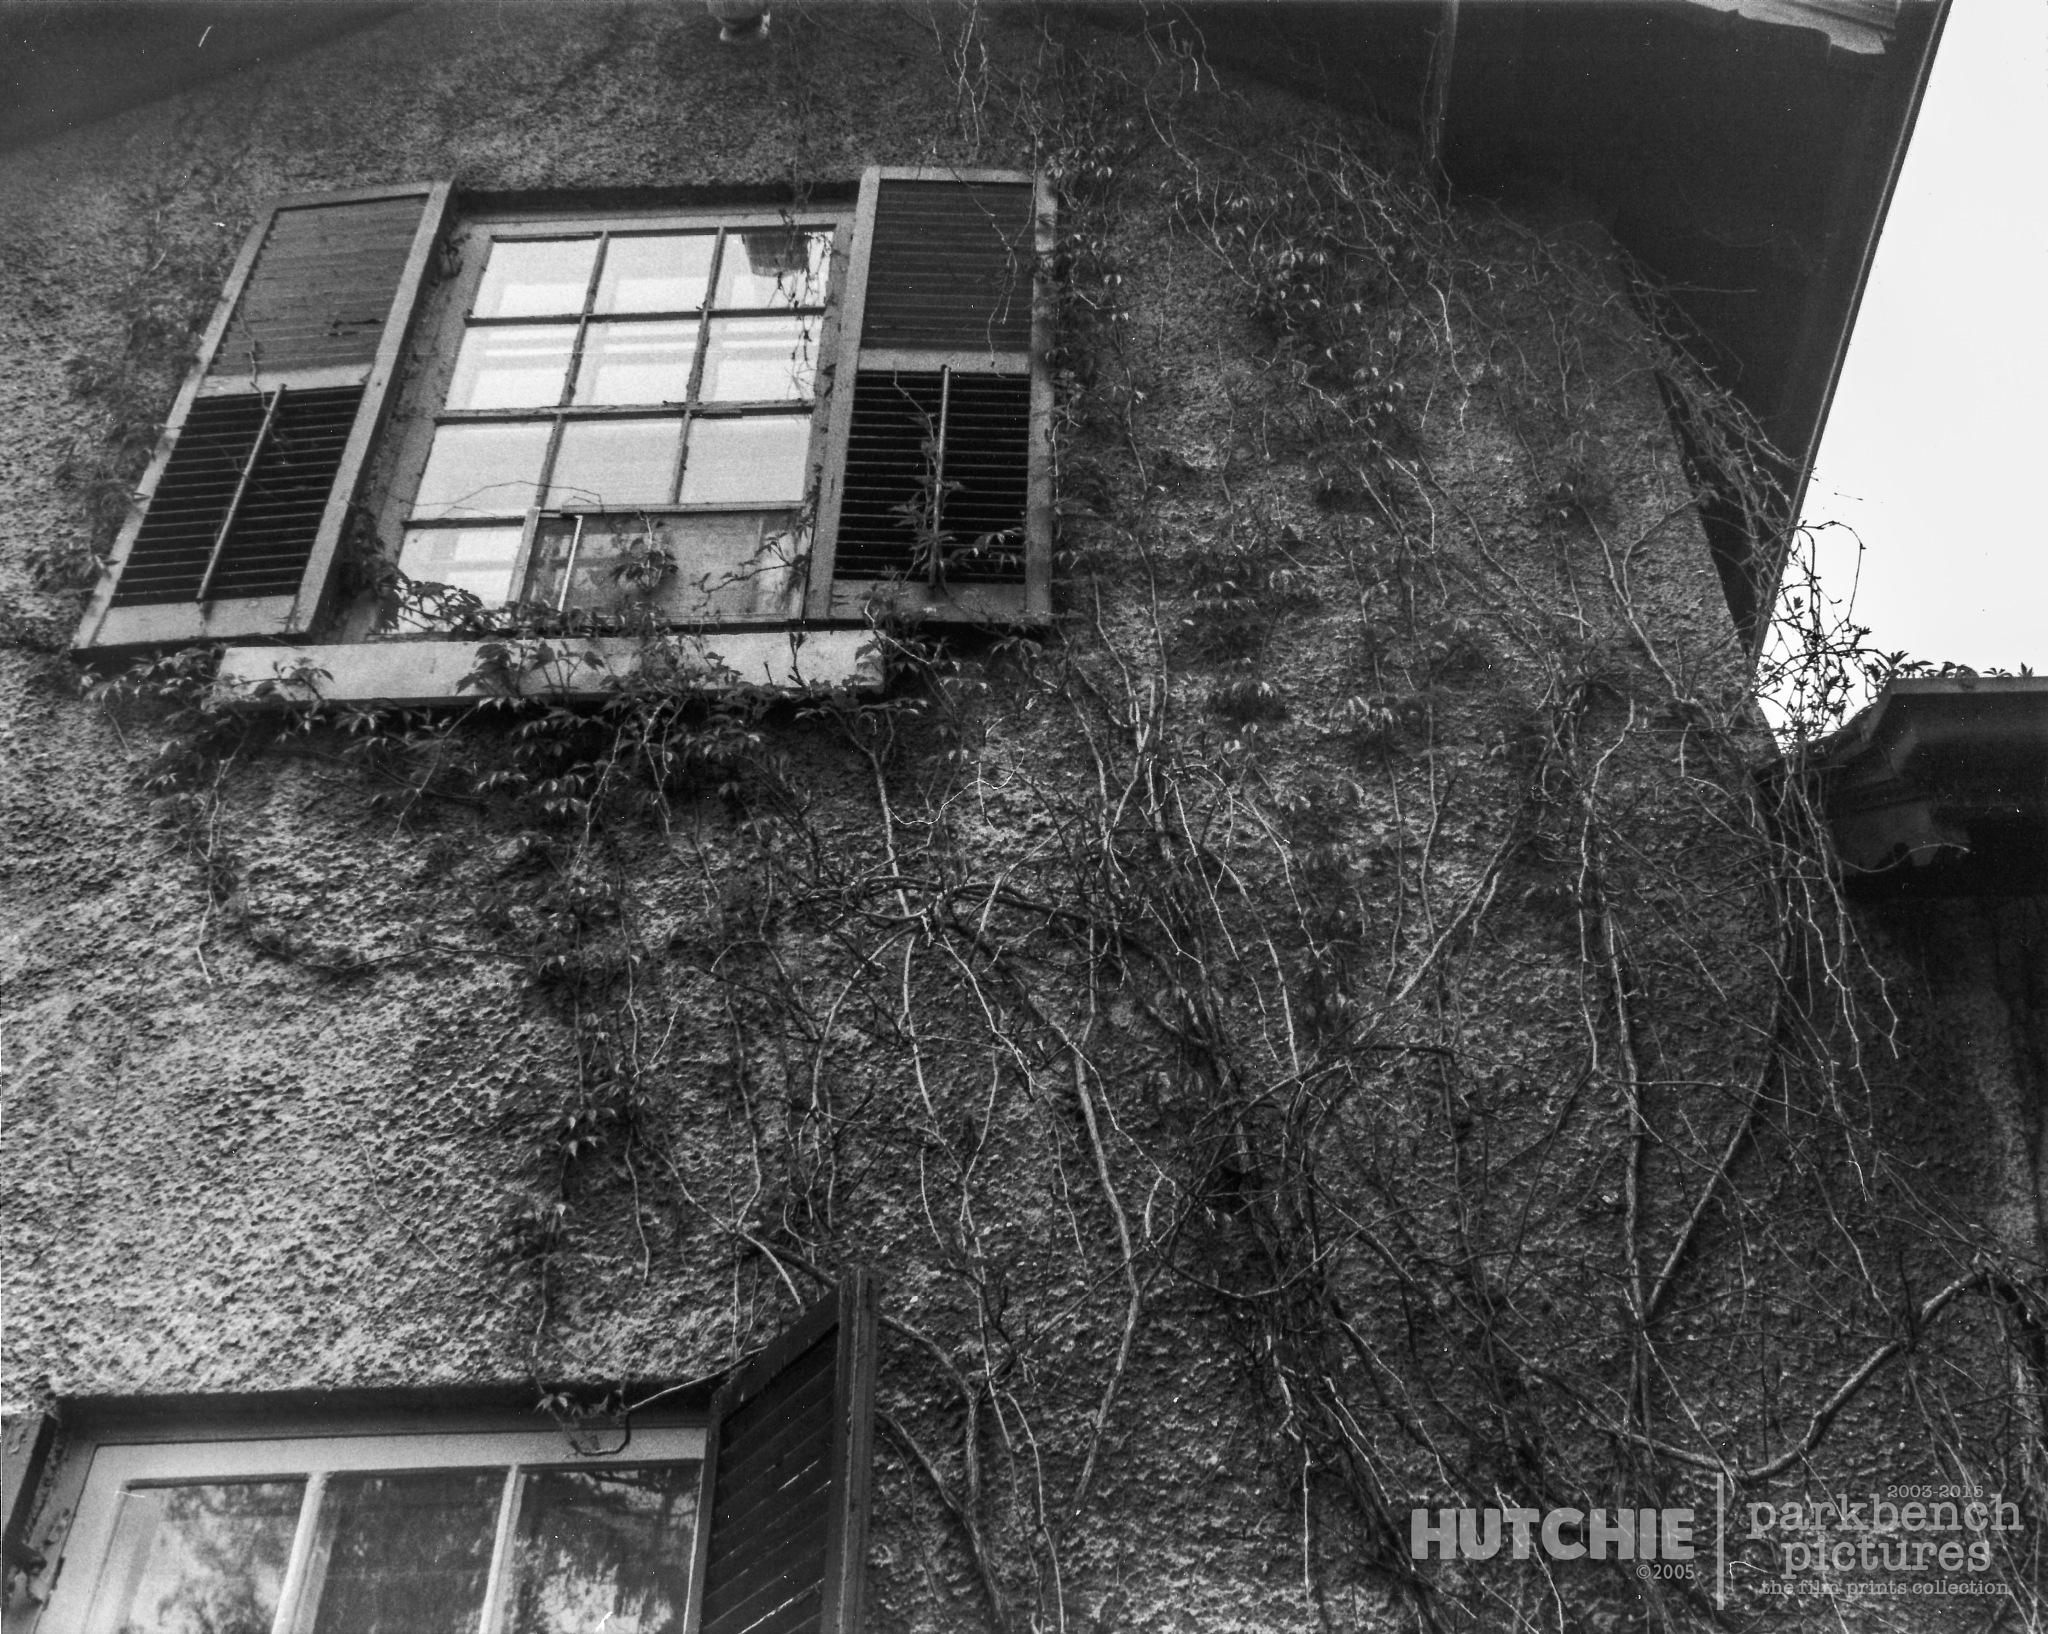 Vines by Hutchie